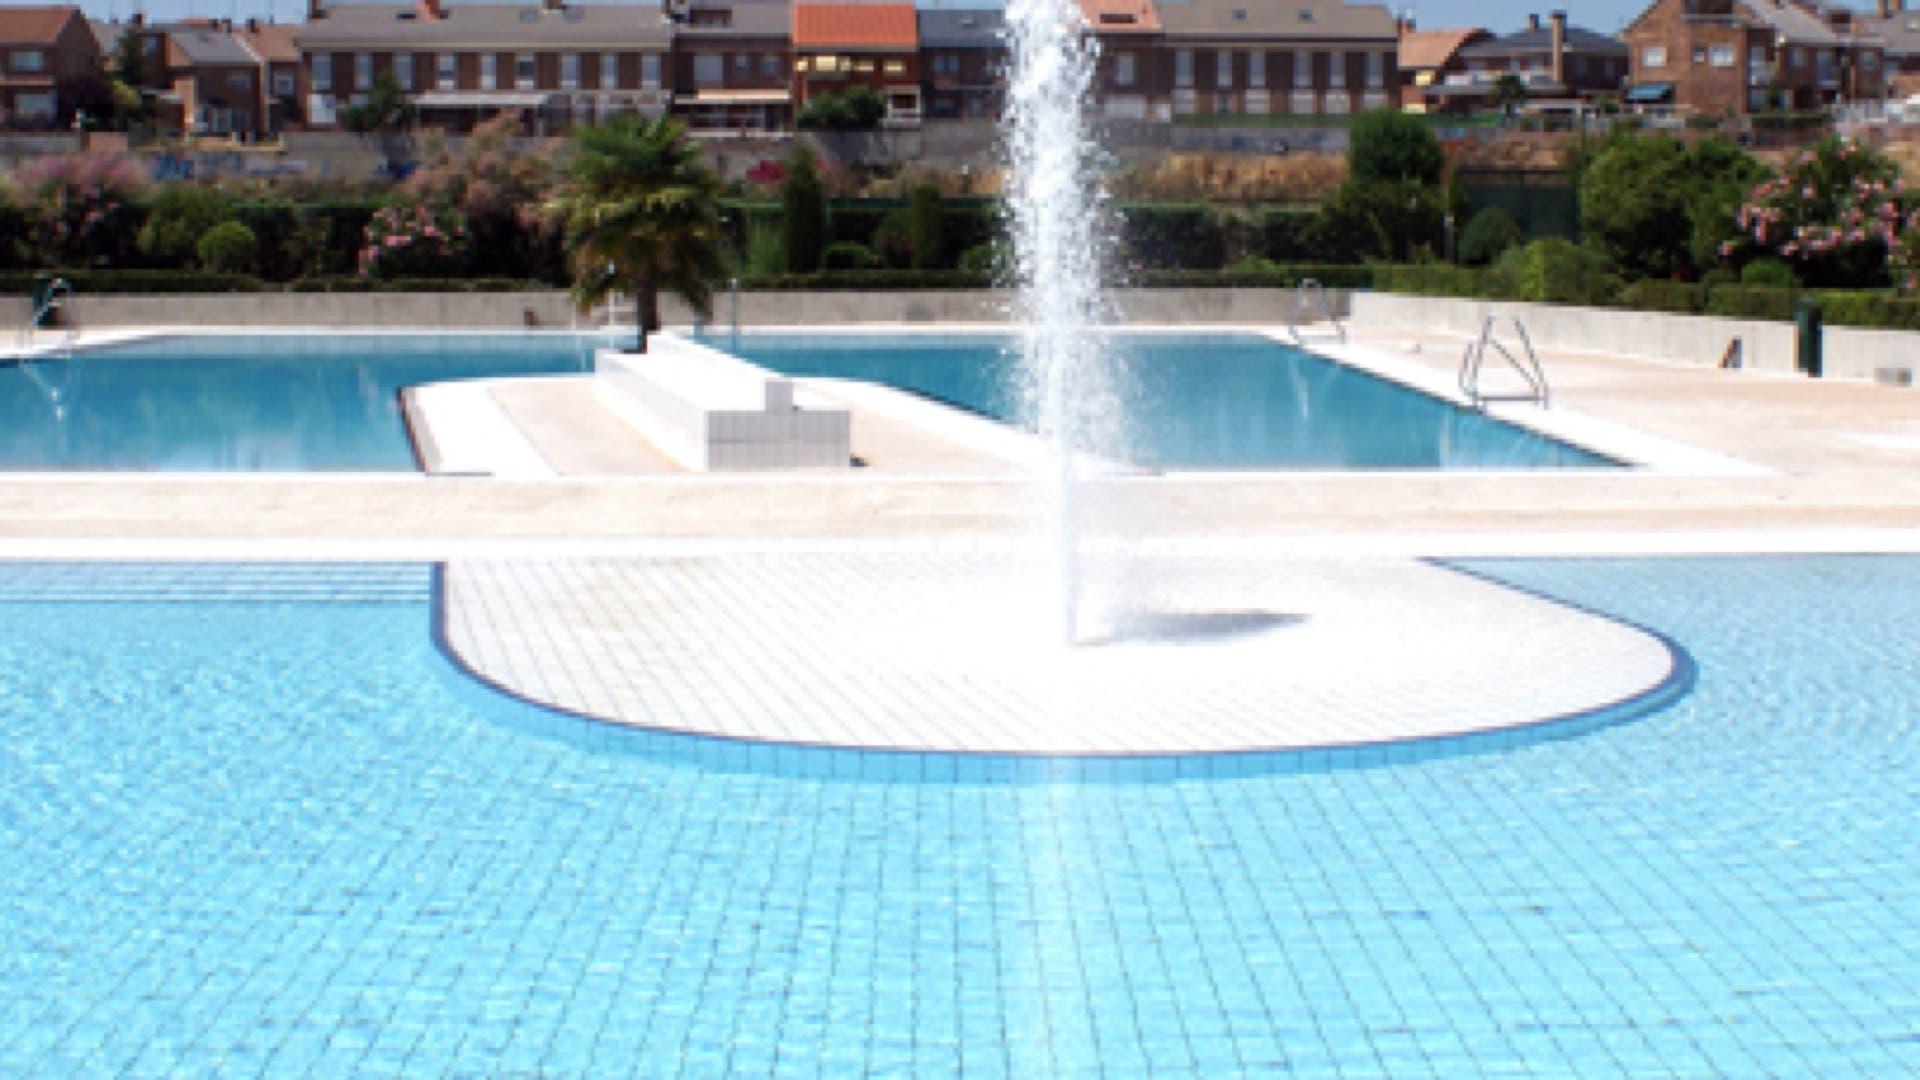 Las piscinas y los planes m s refrescantes del corredor for Piscina municipal arganda del rey